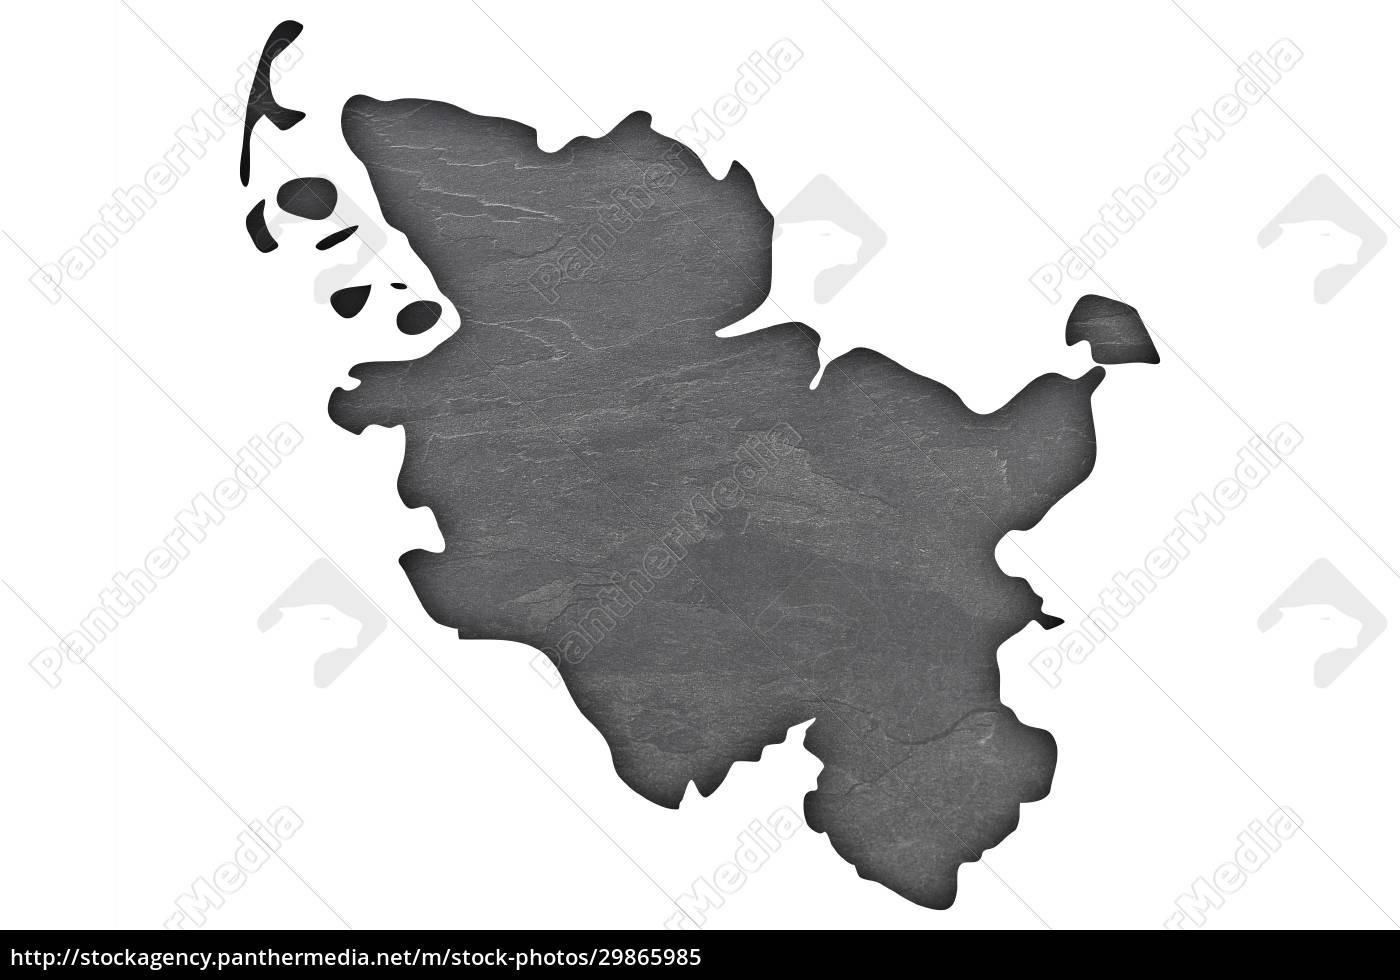 map, of, schleswig-holstein, on, dark, slate - 29865985